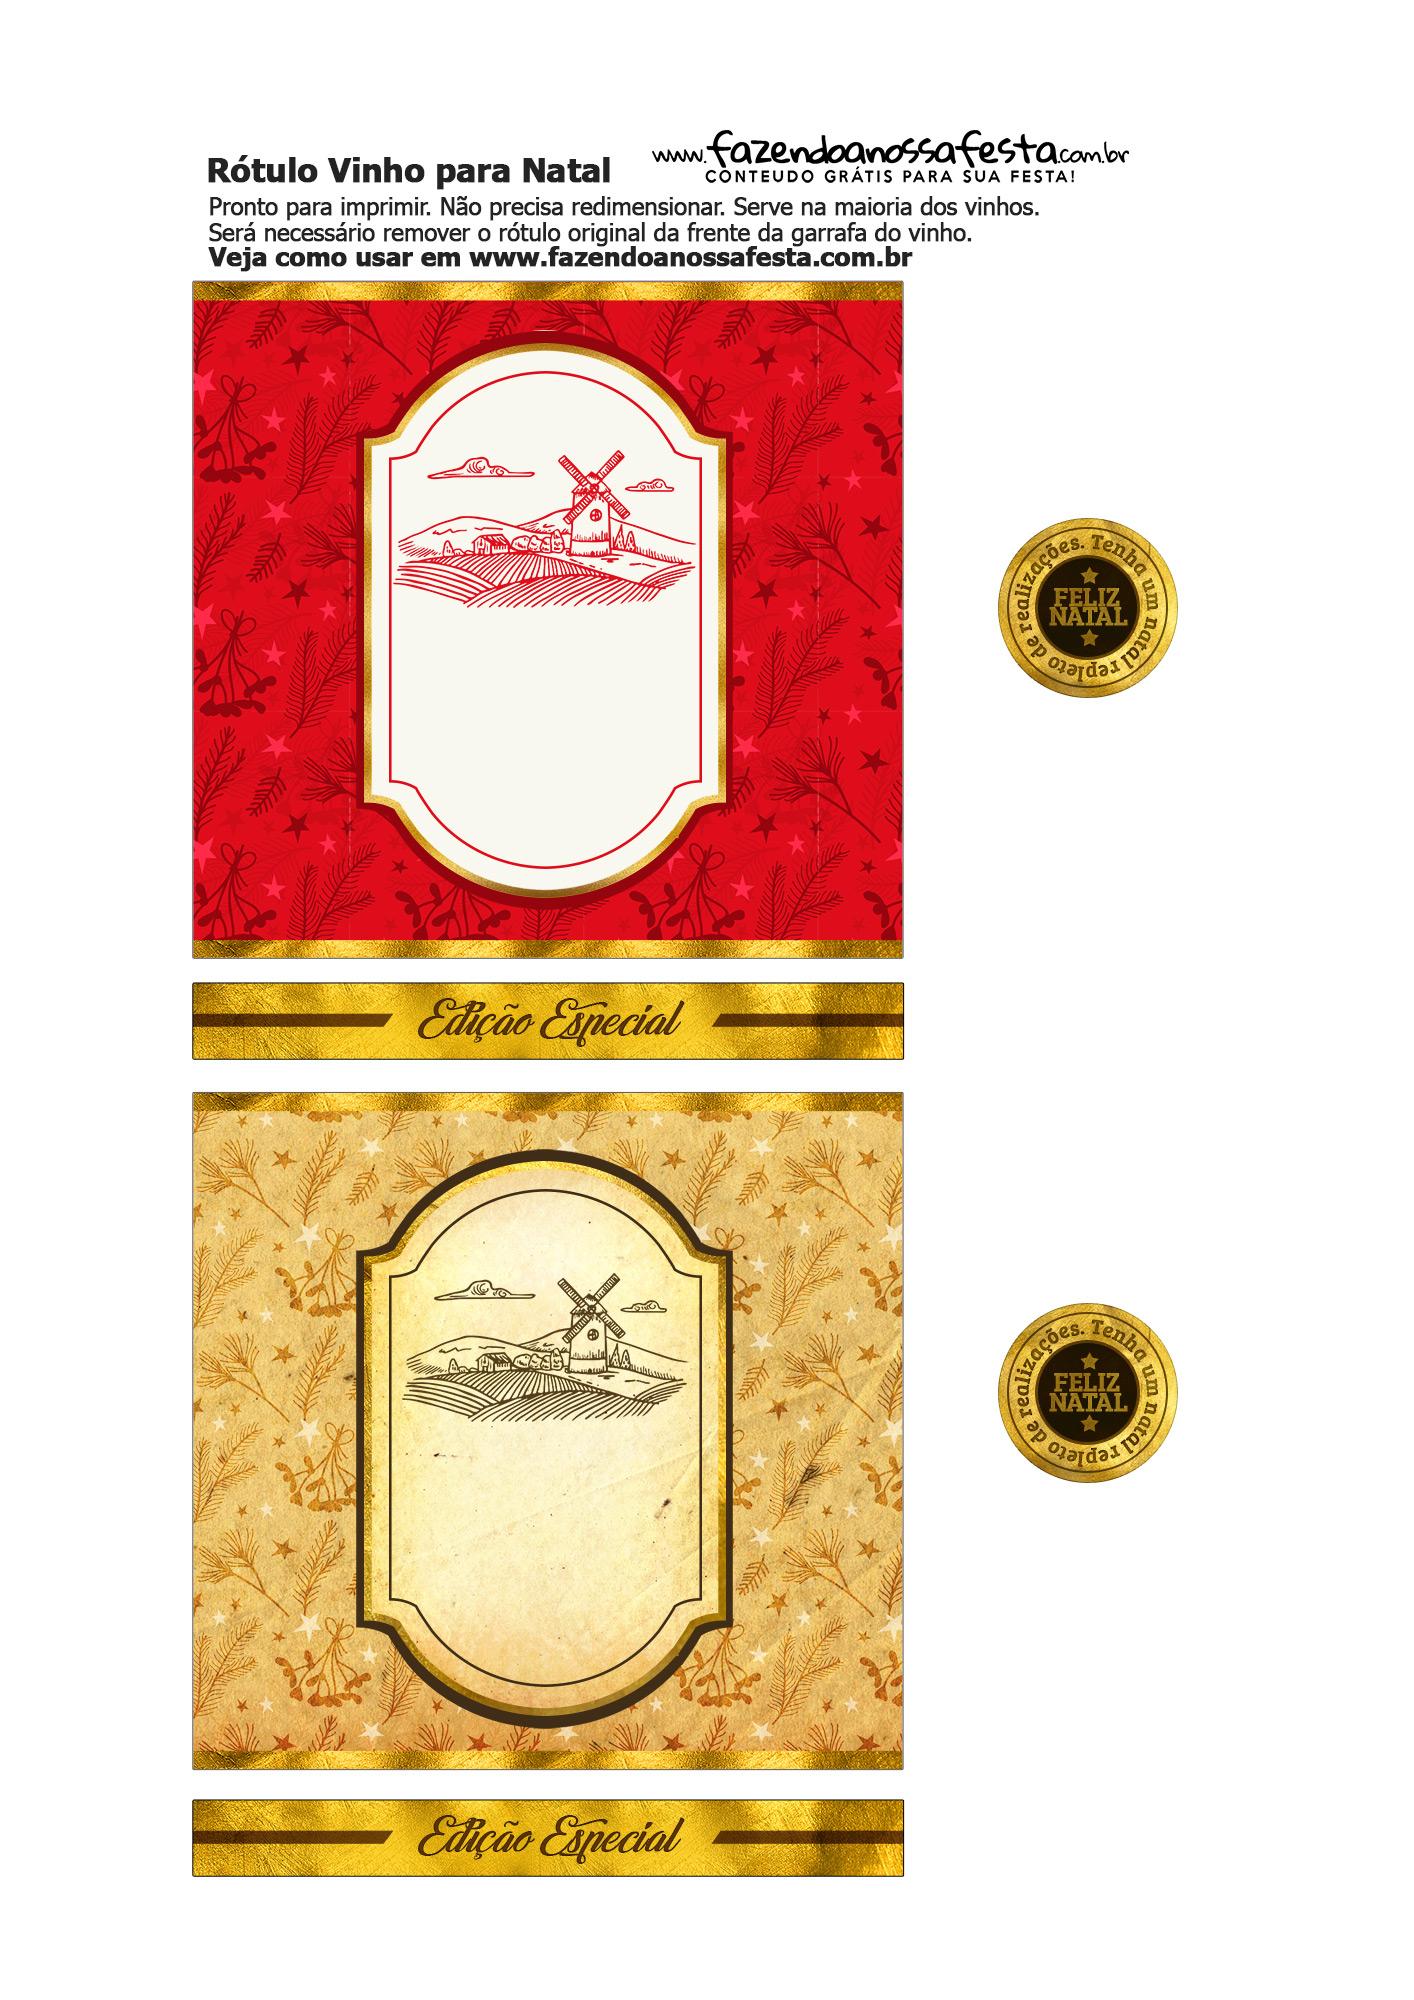 Rotulo de Vinho Personalizado para Natal 12